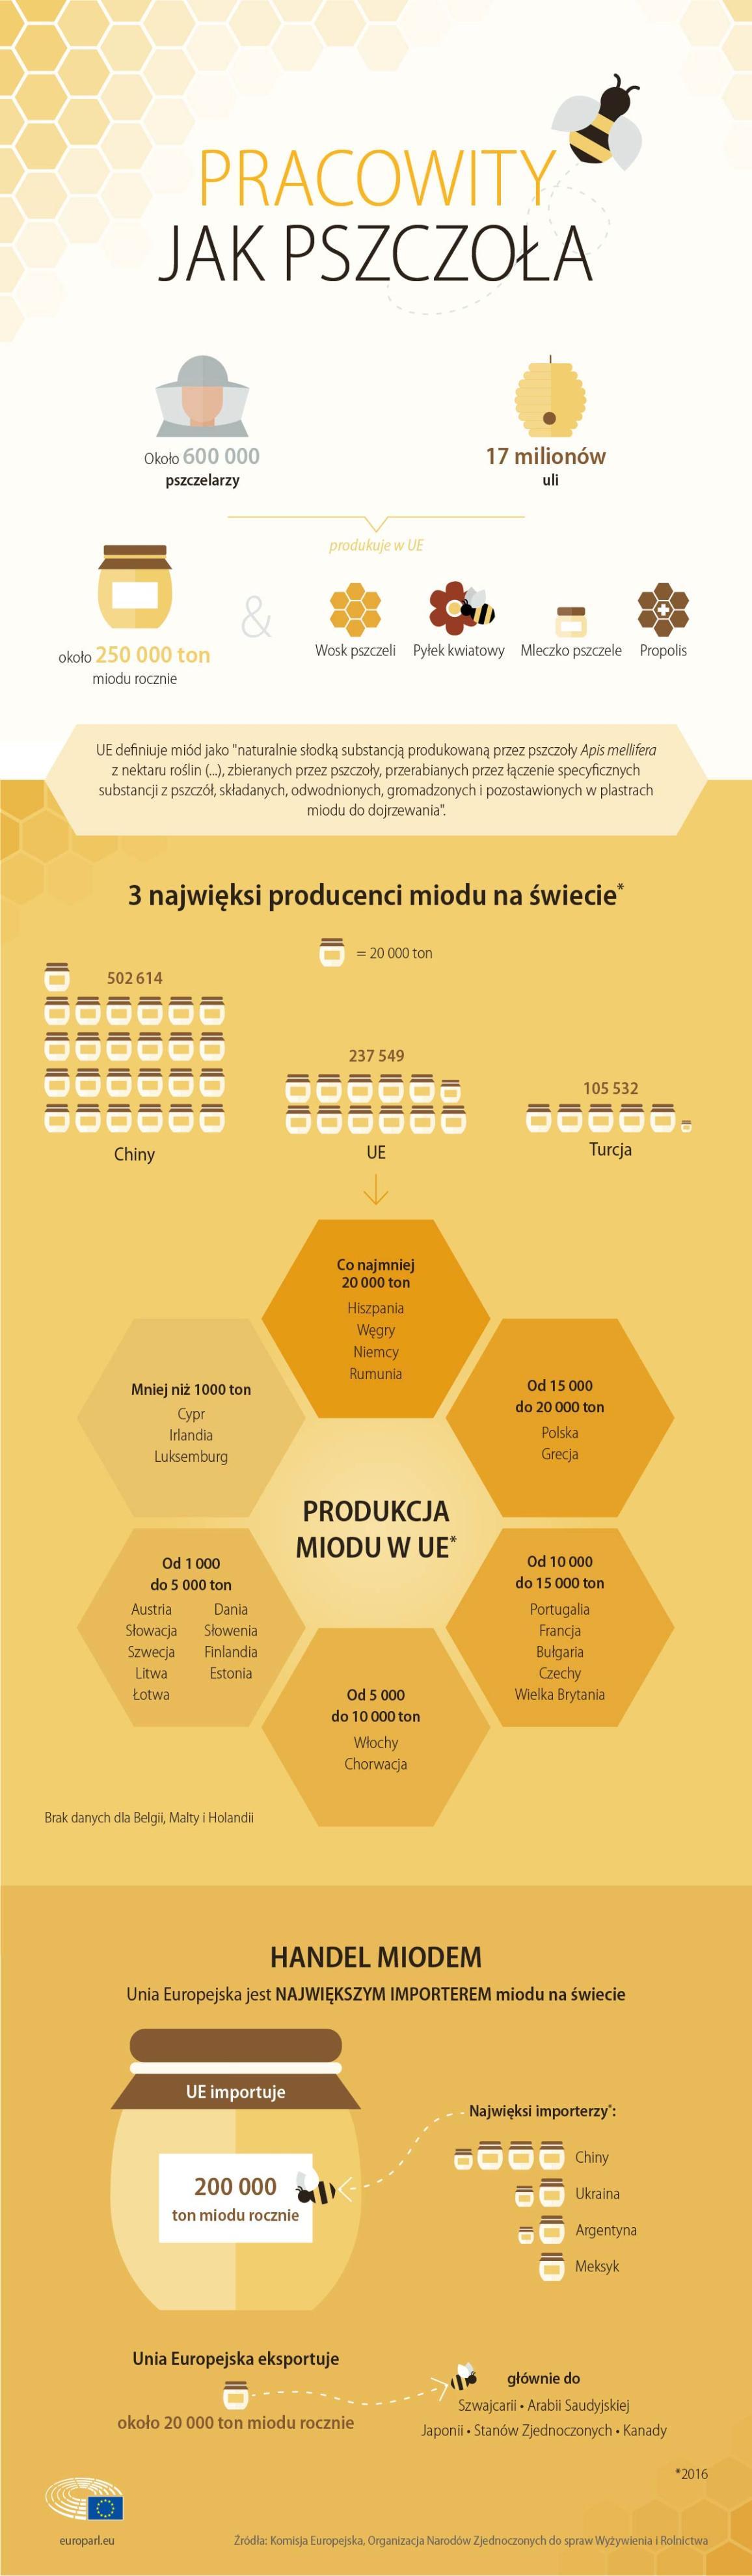 Infografika: Rynek miodu w Unii Europejskiej